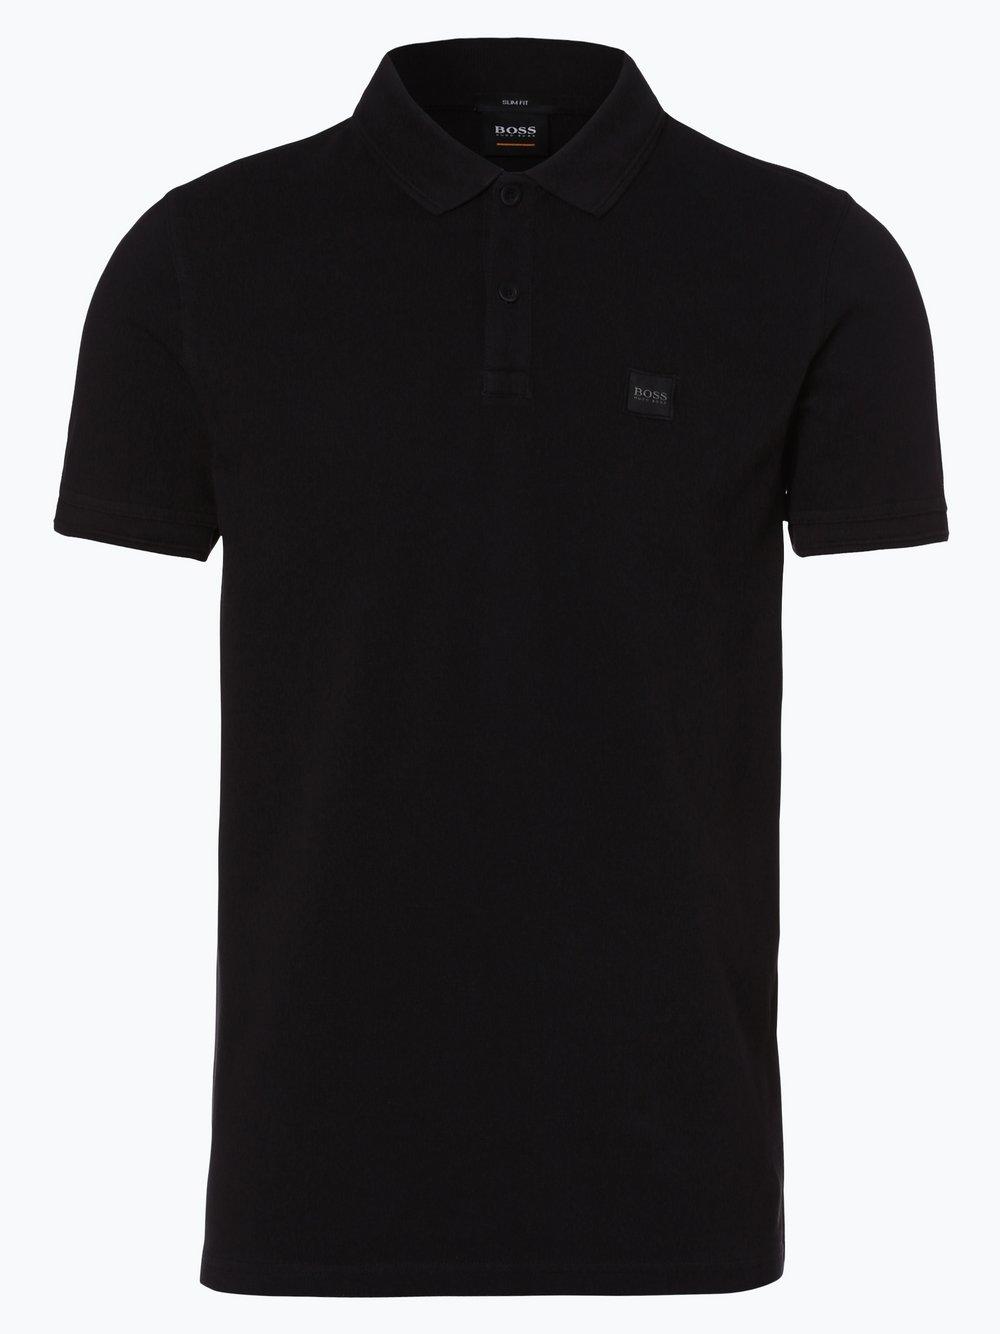 BOSS Casual – Męska koszulka polo – Prime, czarny Van Graaf 384394-0002